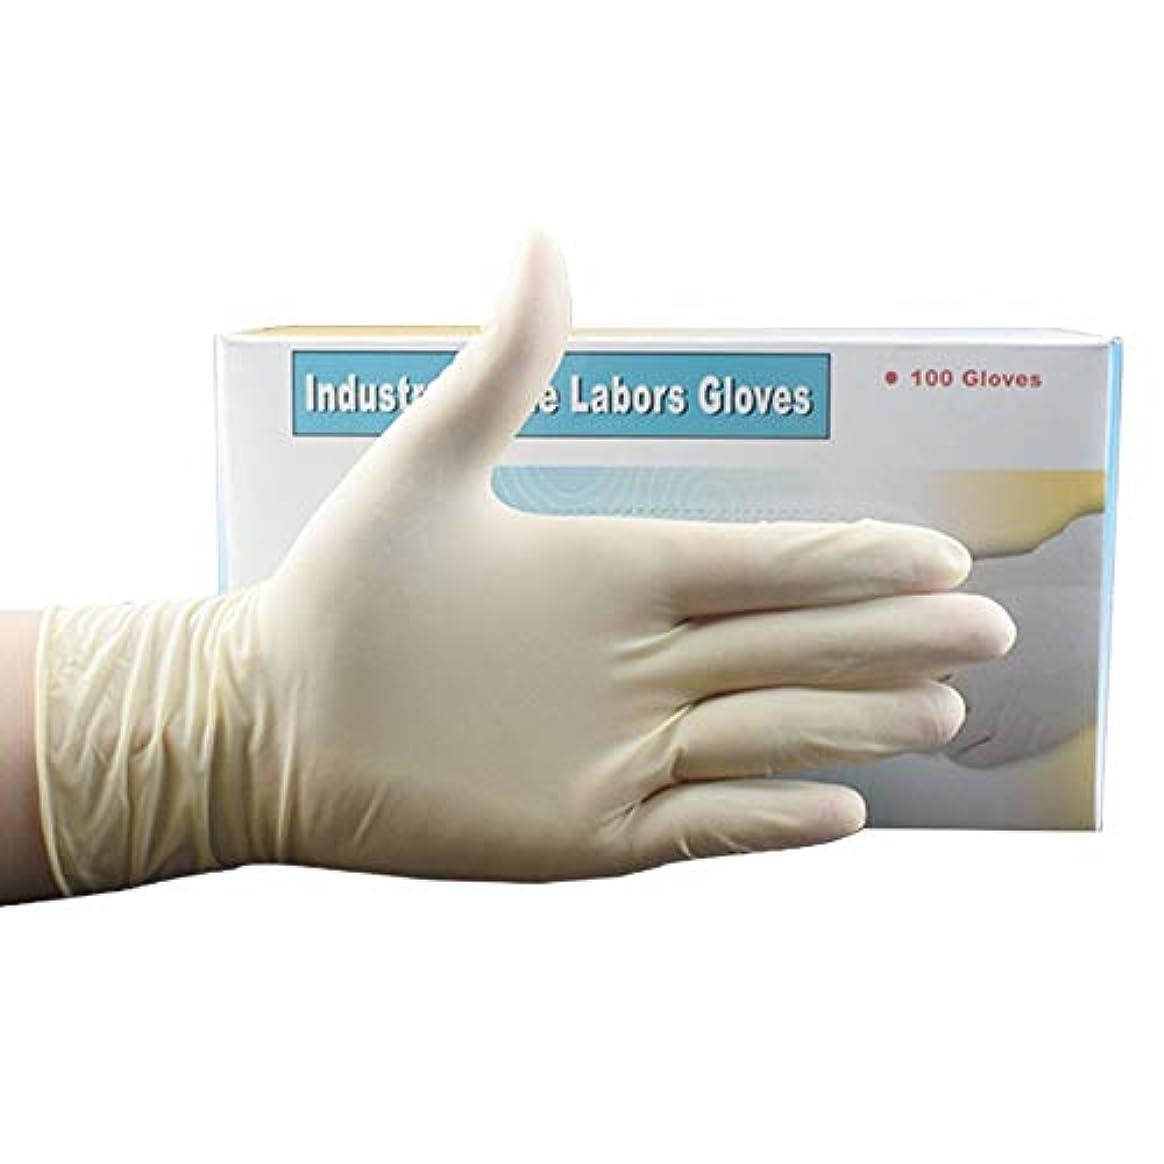 使い捨て手袋 使い捨て手袋、ゴム手袋滑り止め表面肥厚使い捨て手袋食品グレード手袋、ラテックスゴムフリー、100個 ニトリルゴム手袋 (Color : Beige, Size : S)